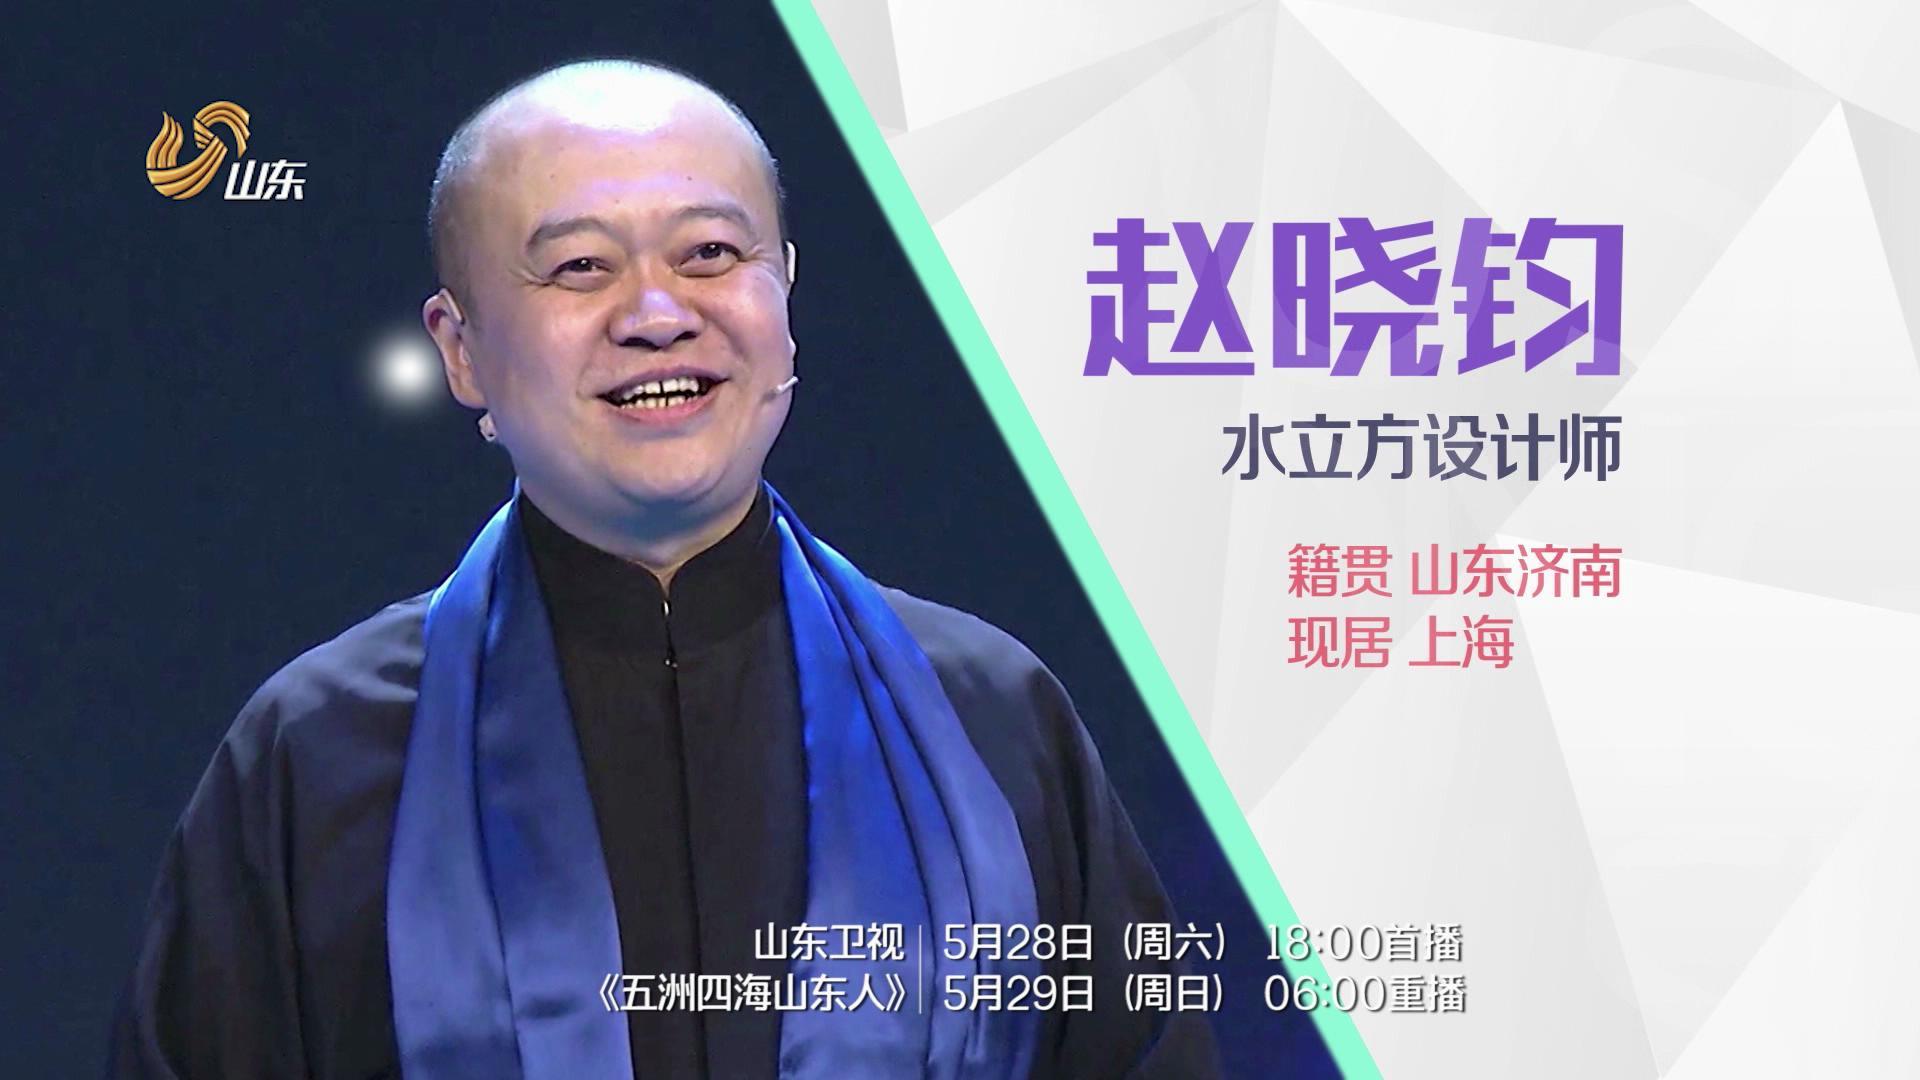 5月28日预告 | 赵晓钧:从水立方到美丽乡村